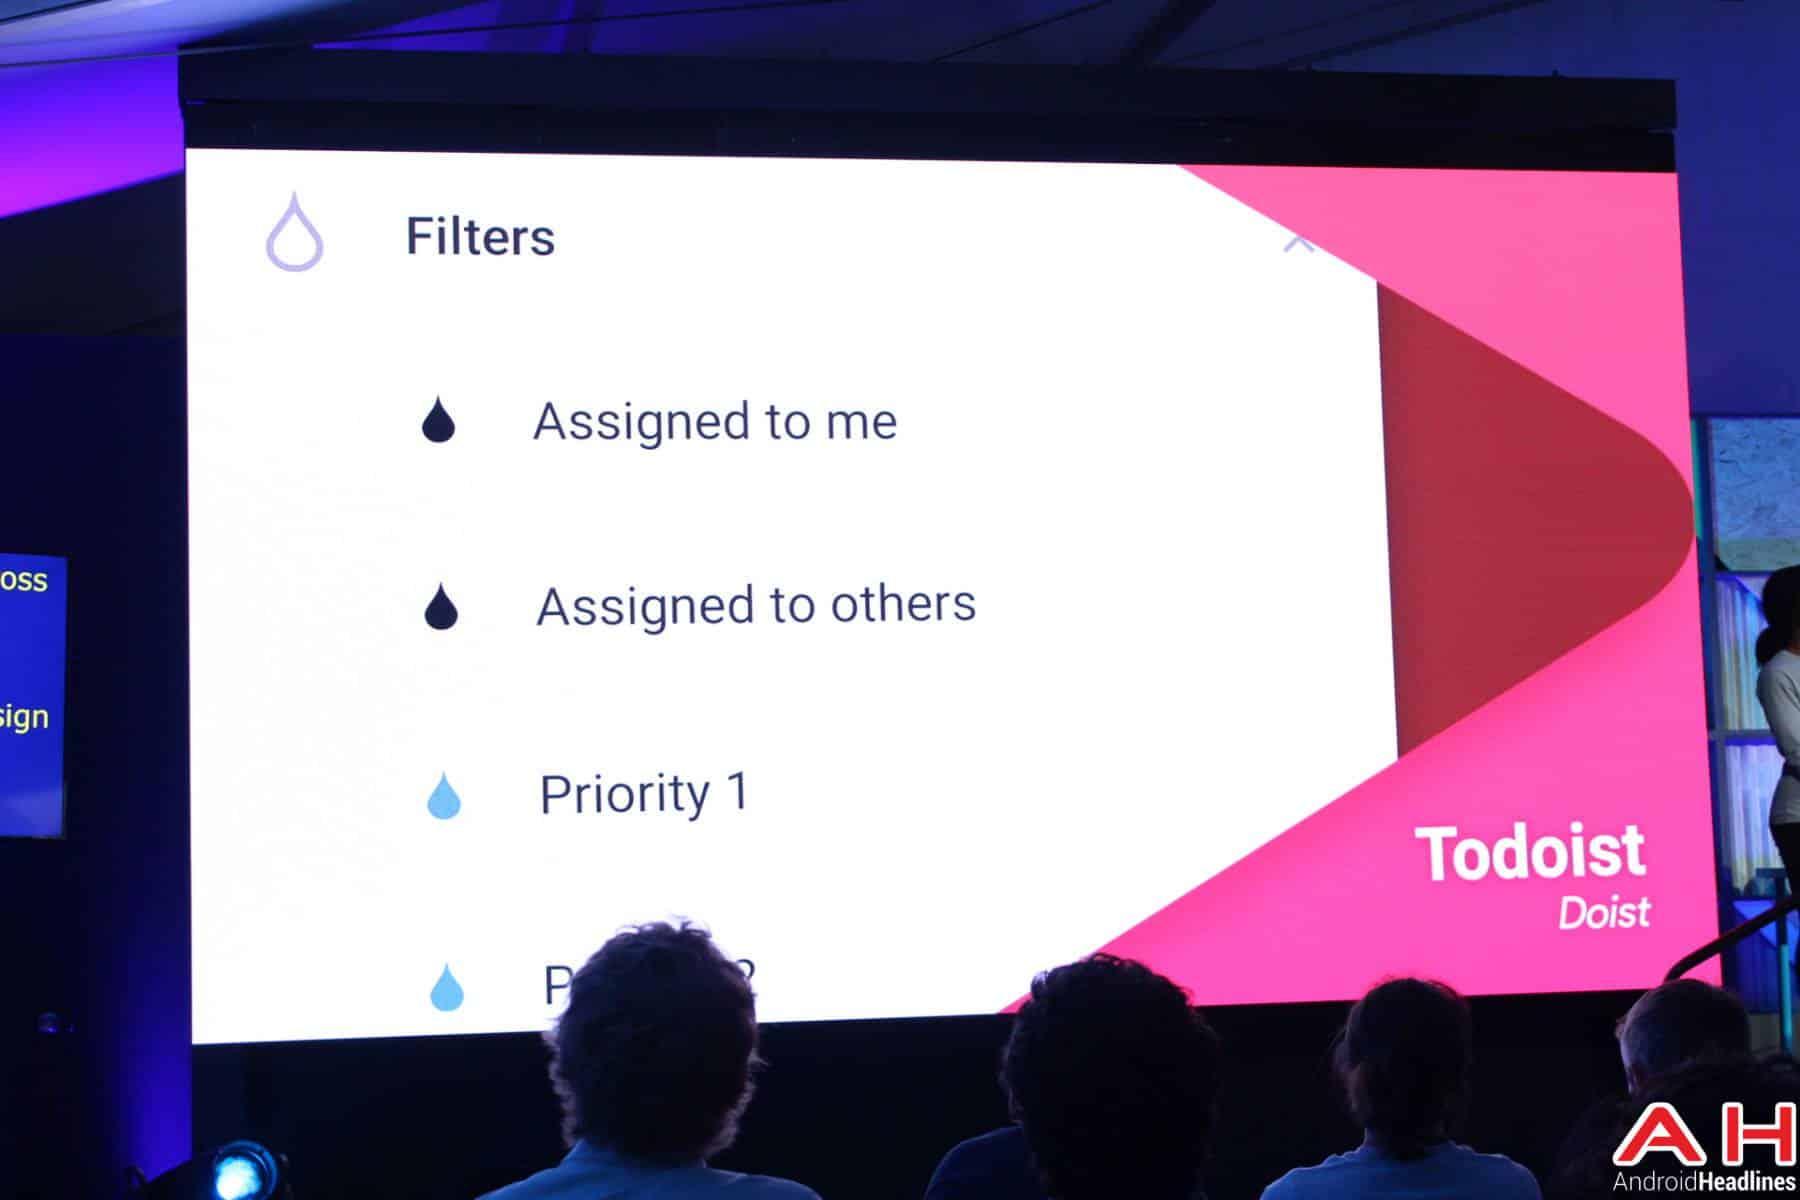 Google Play Awards Material Design 5